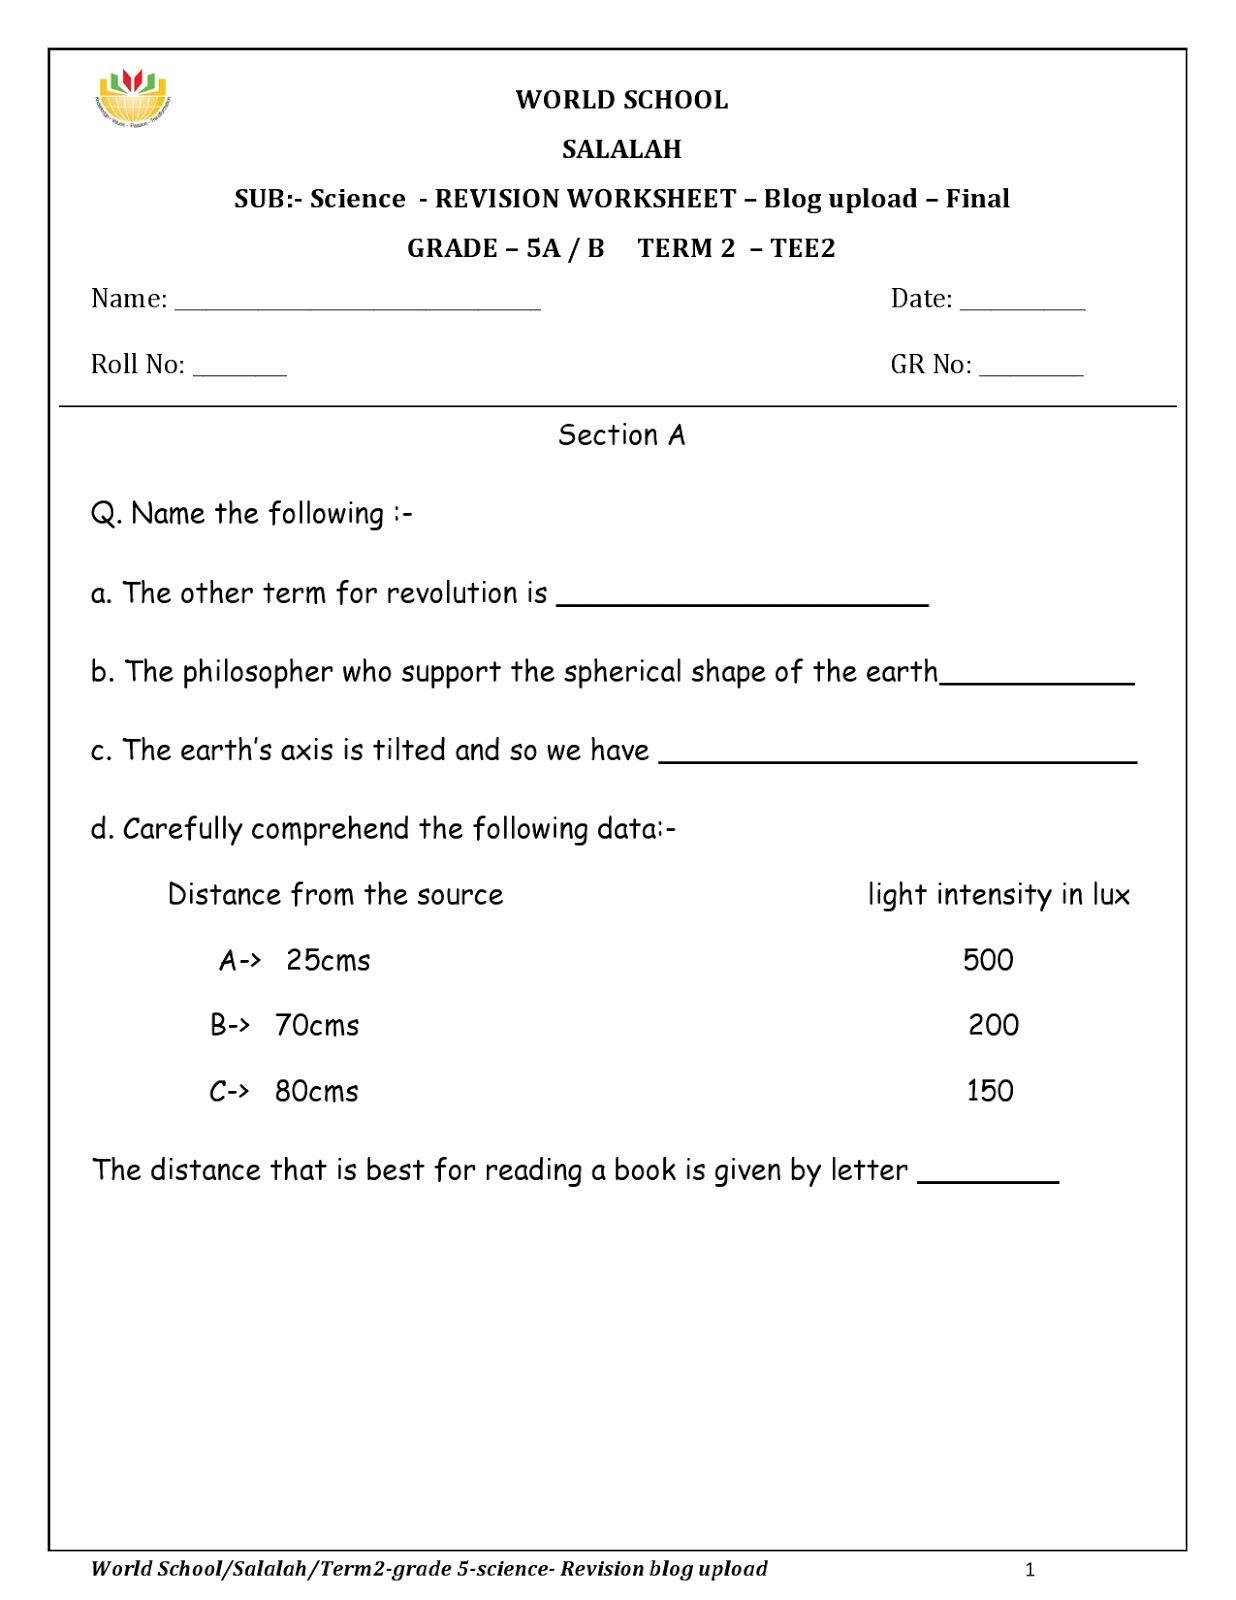 Birla World School Oman Revision Worksheets For Grade 5